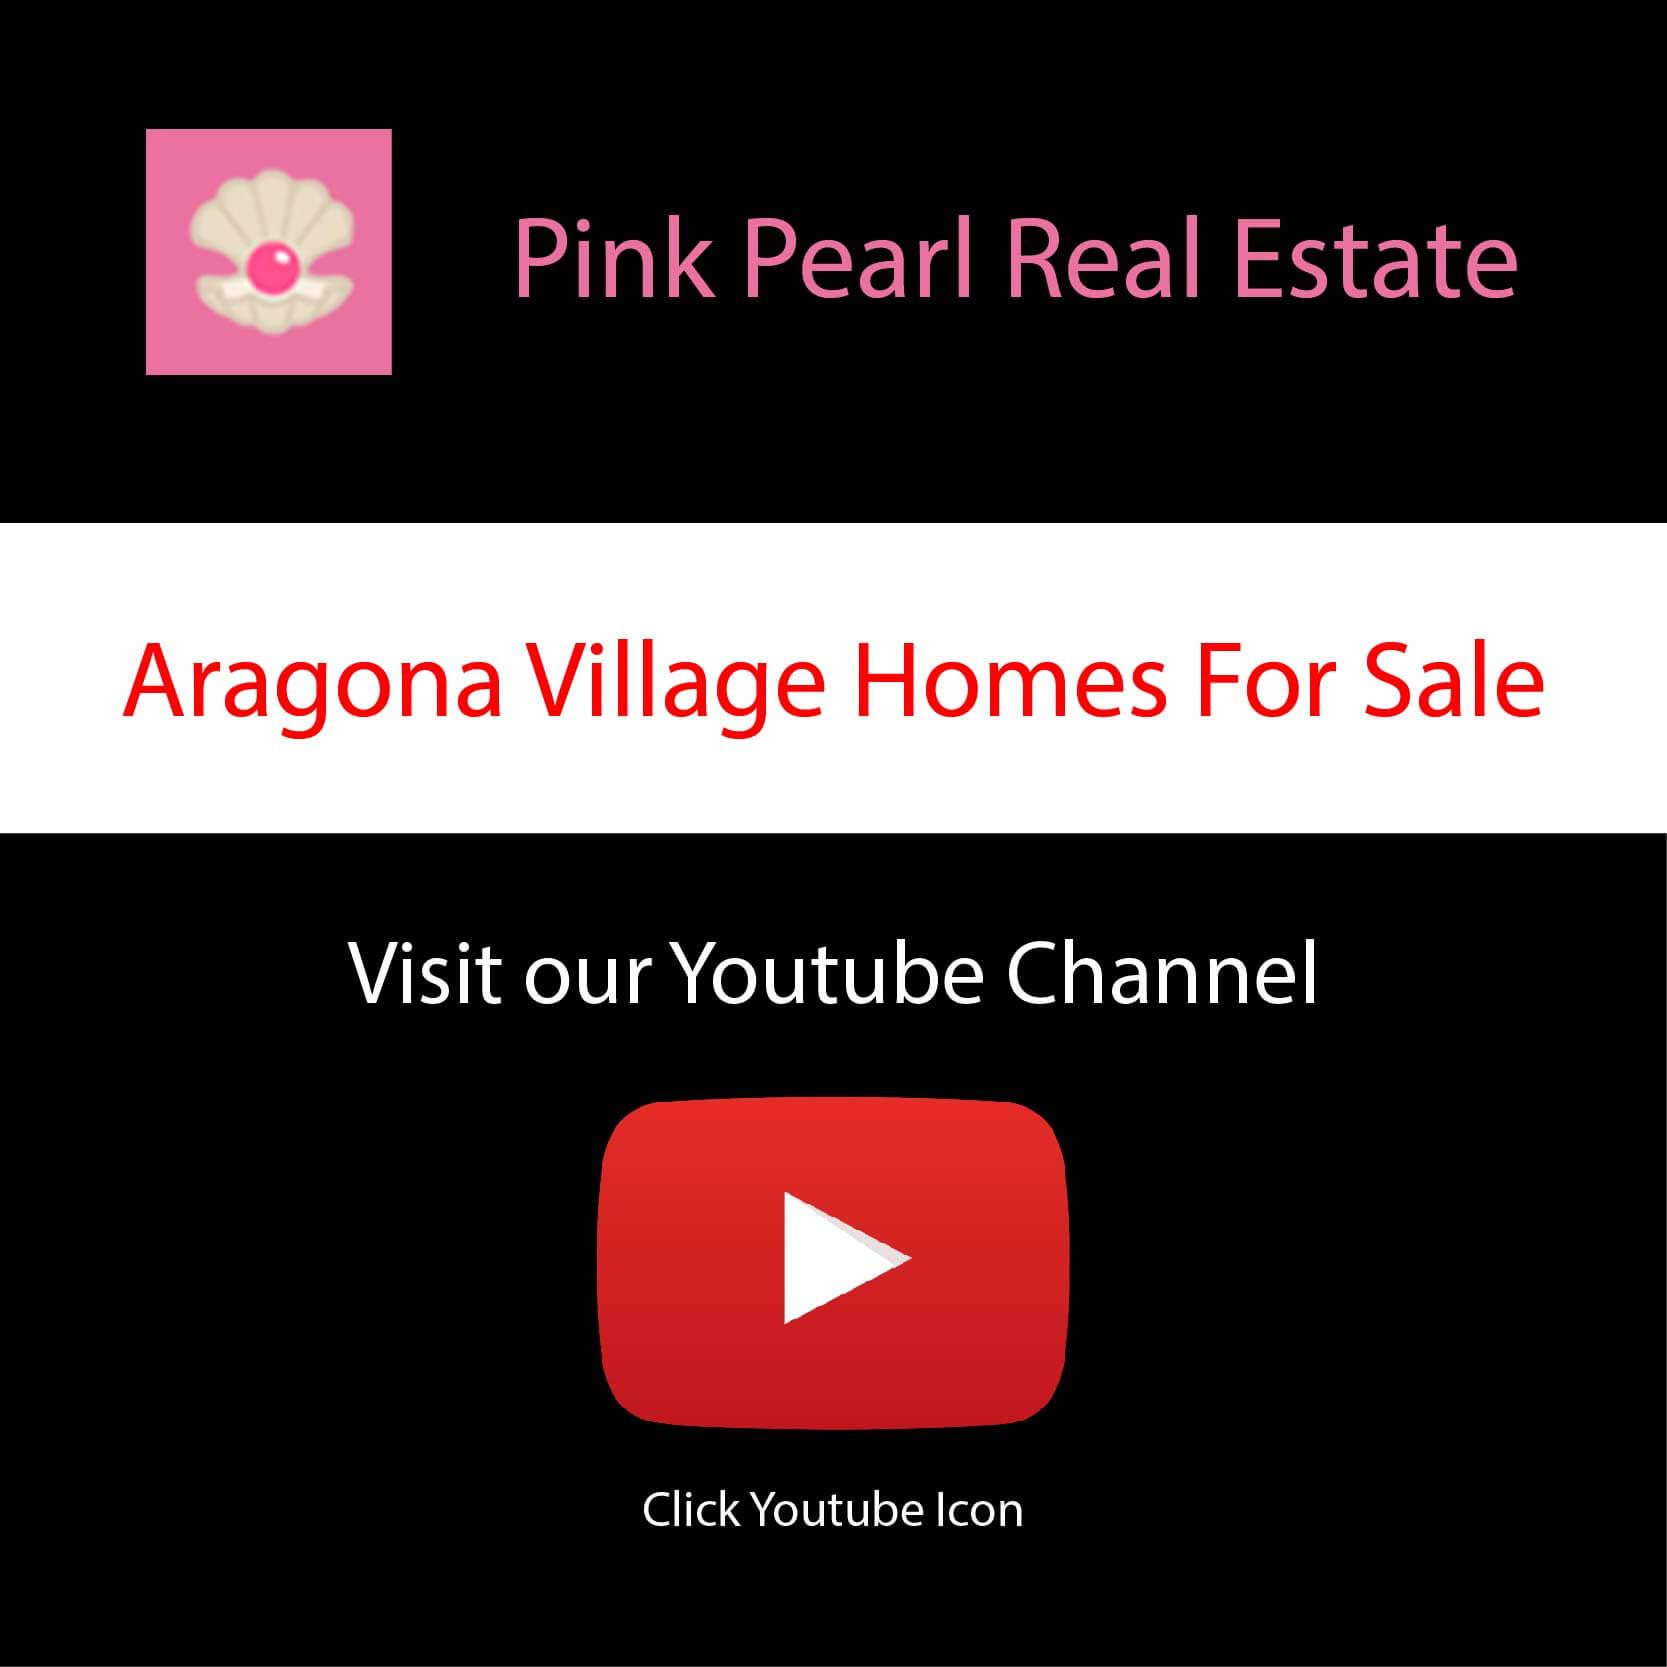 Visit Aragona Village Homes For Sale on Youtube